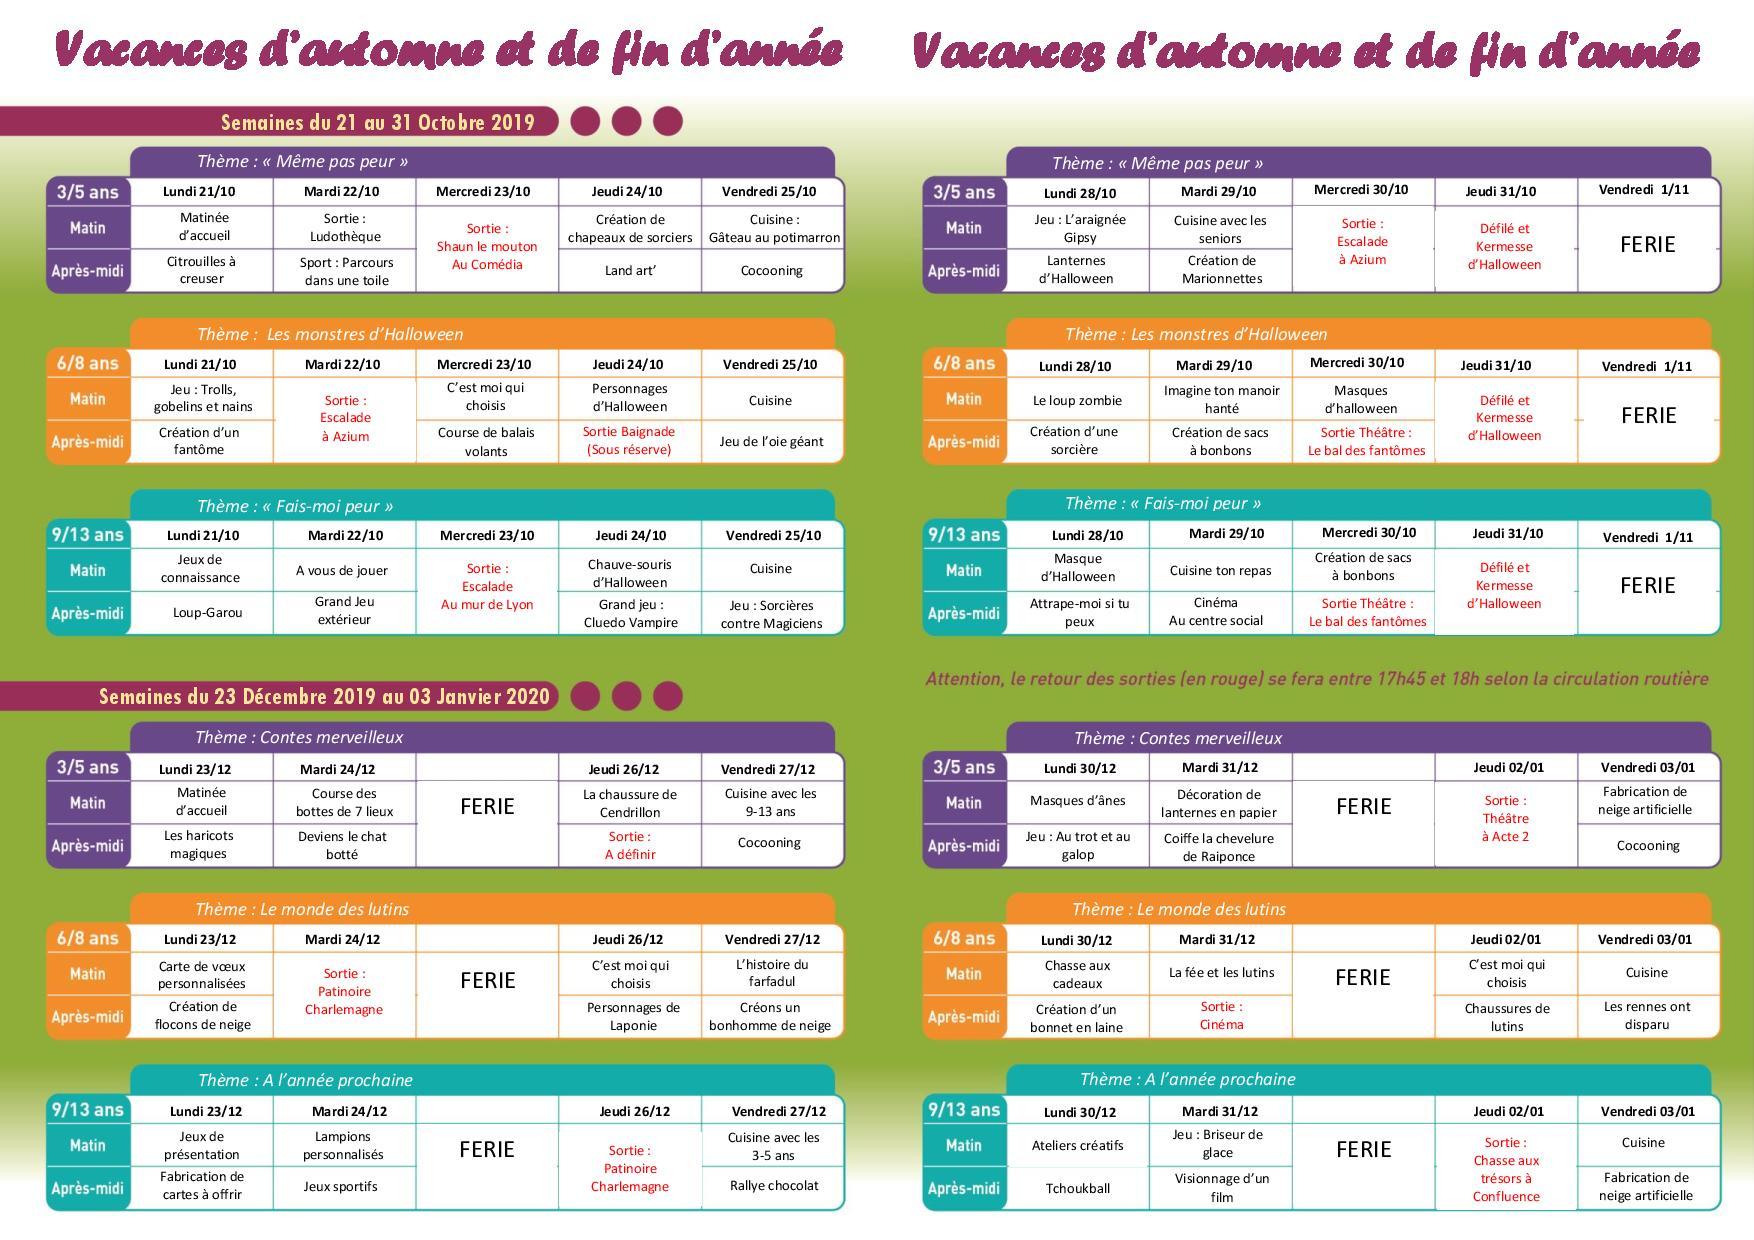 Programme des accueils de loisirs vacances d'automne et de fin d'année